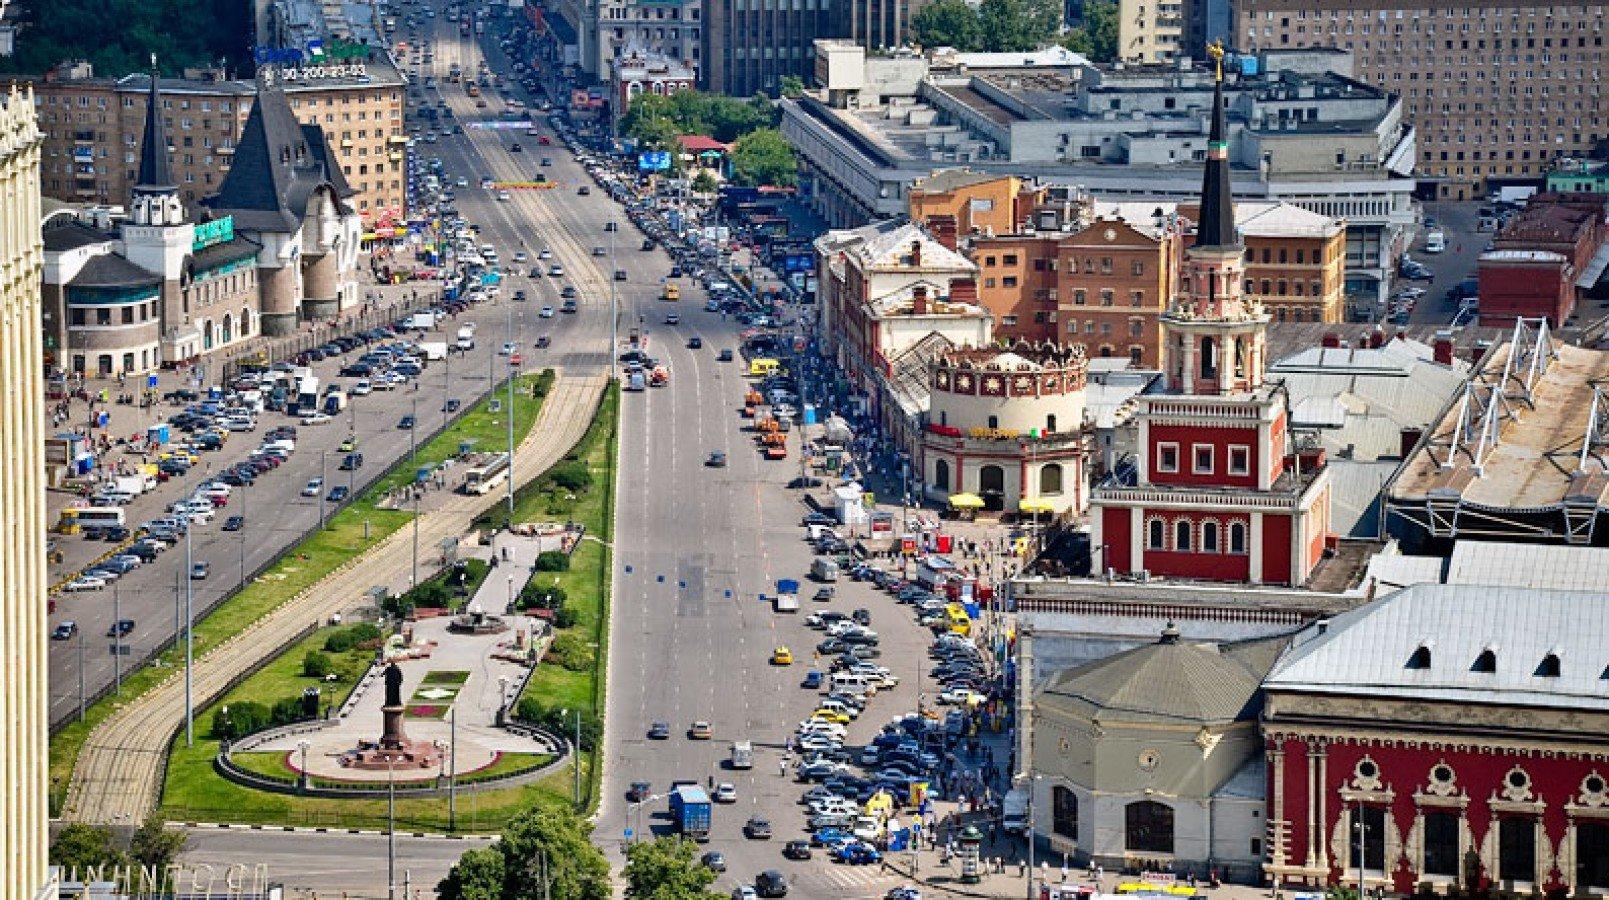 Из 3 московских вокзалов сделают единый транспортный узел